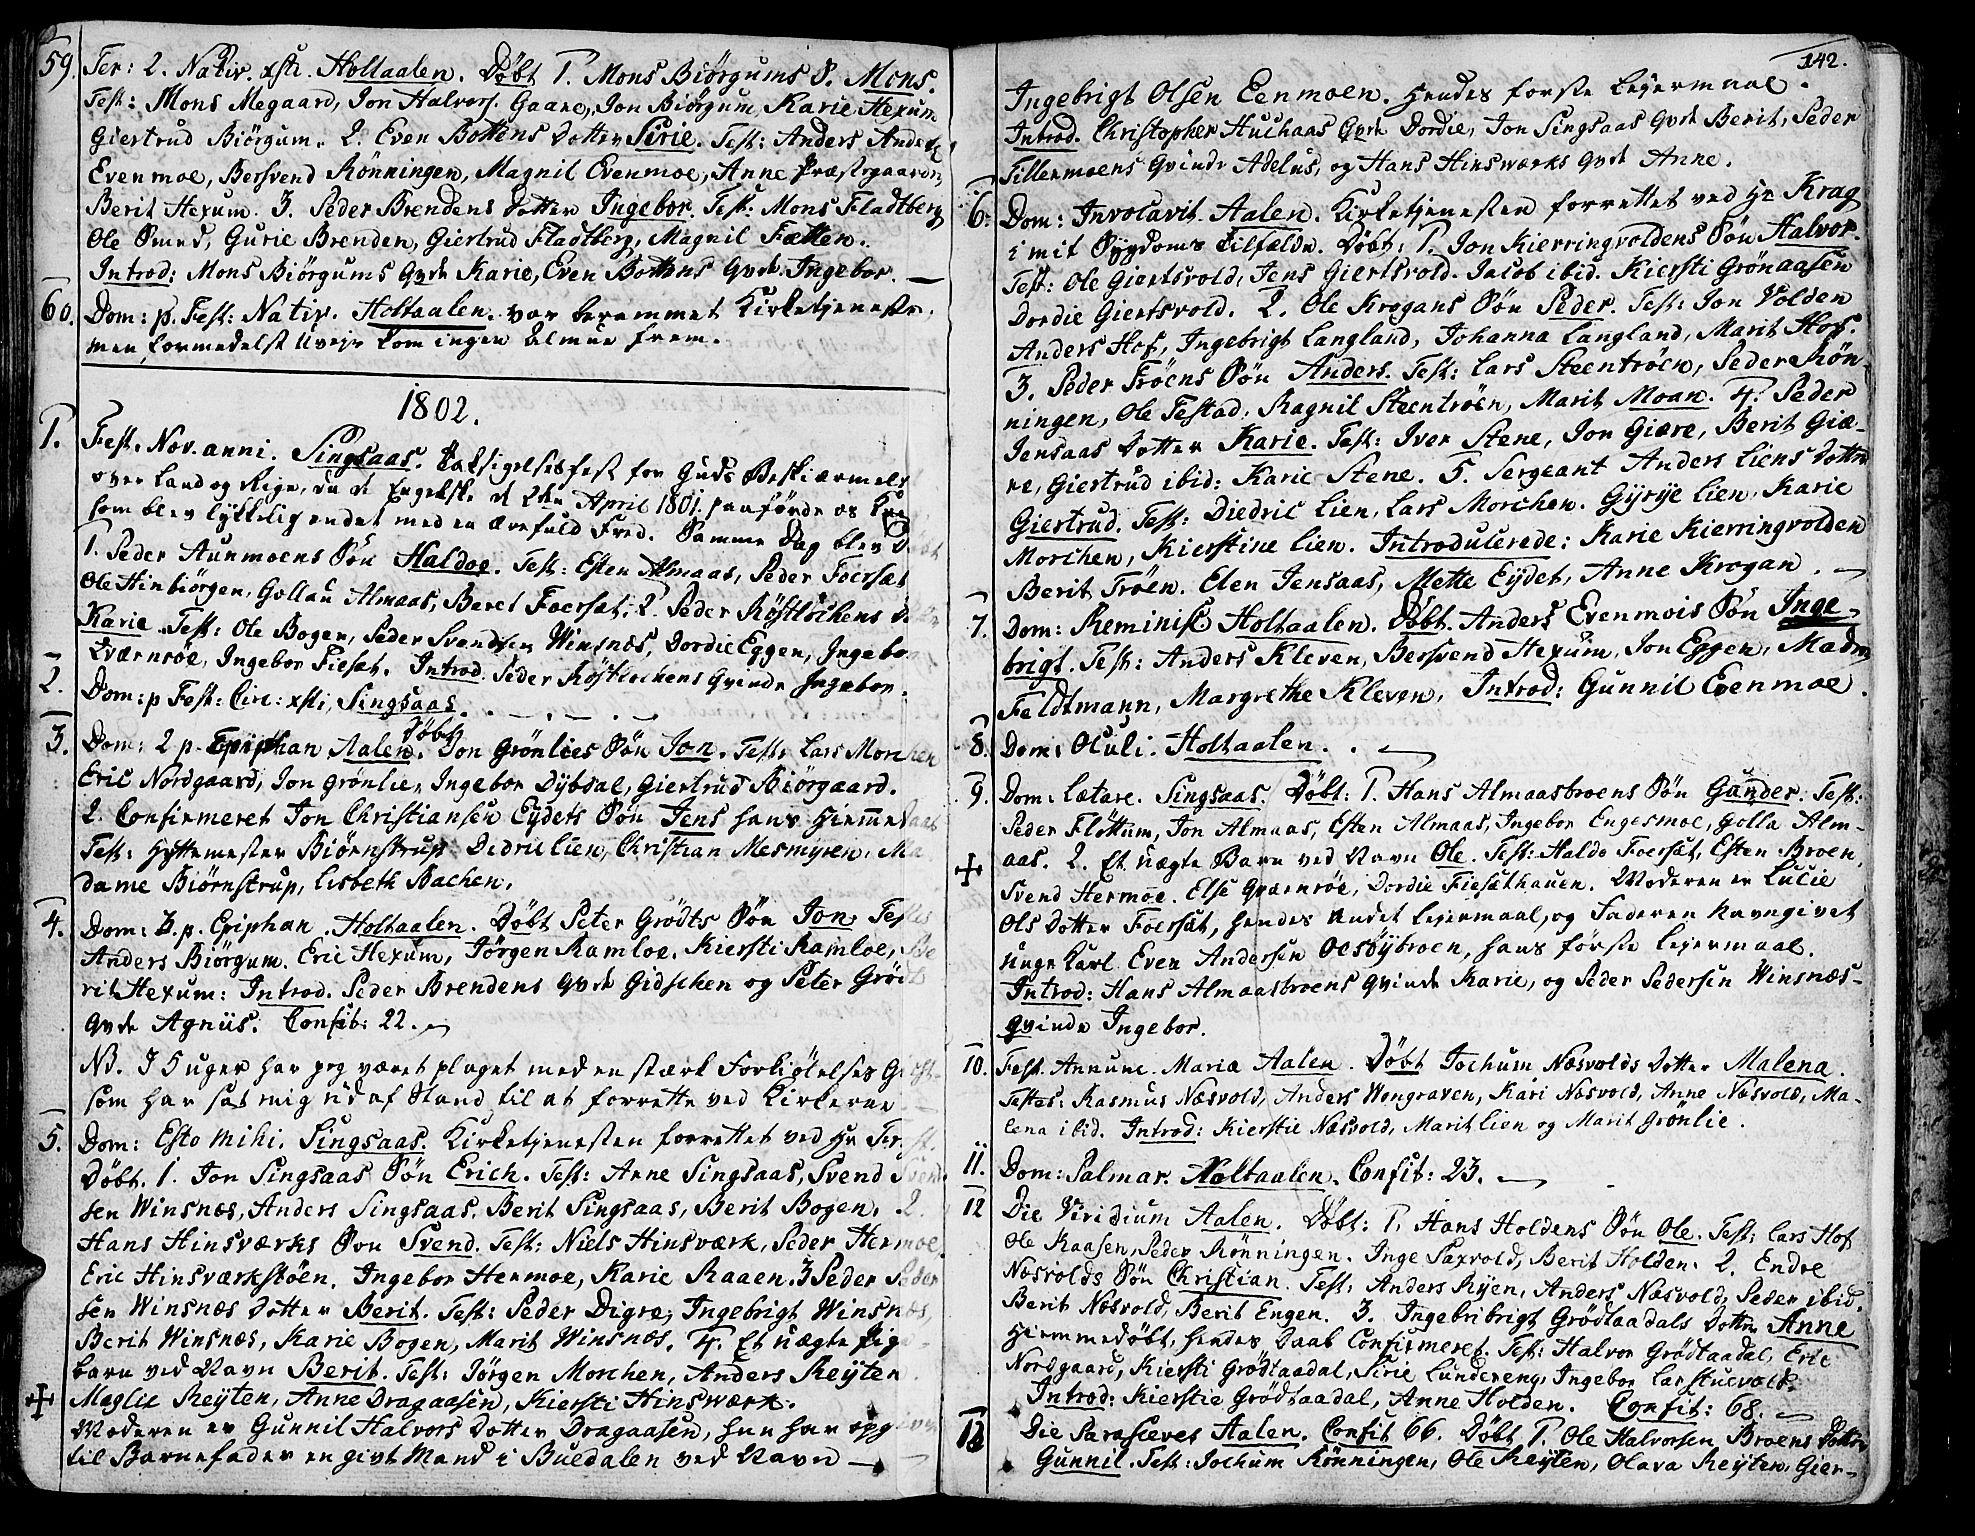 SAT, Ministerialprotokoller, klokkerbøker og fødselsregistre - Sør-Trøndelag, 685/L0952: Ministerialbok nr. 685A01, 1745-1804, s. 142